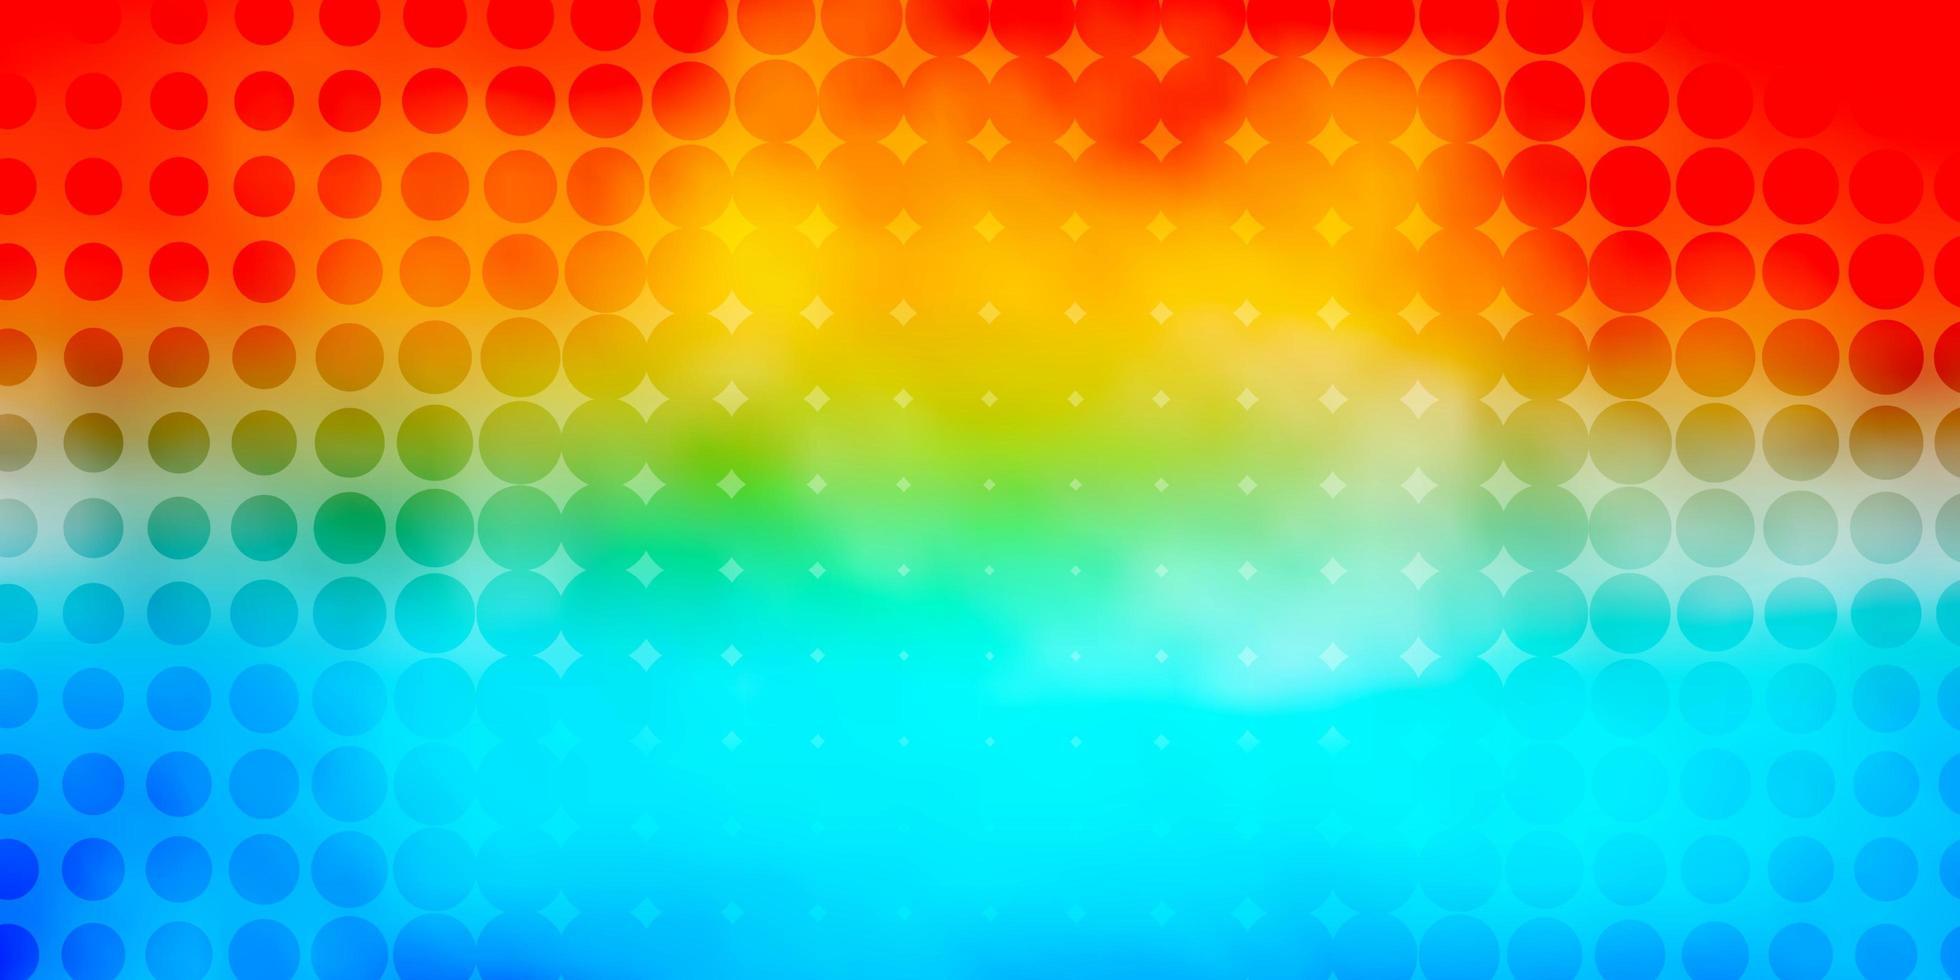 pano de fundo vector azul e vermelho claro com círculos.